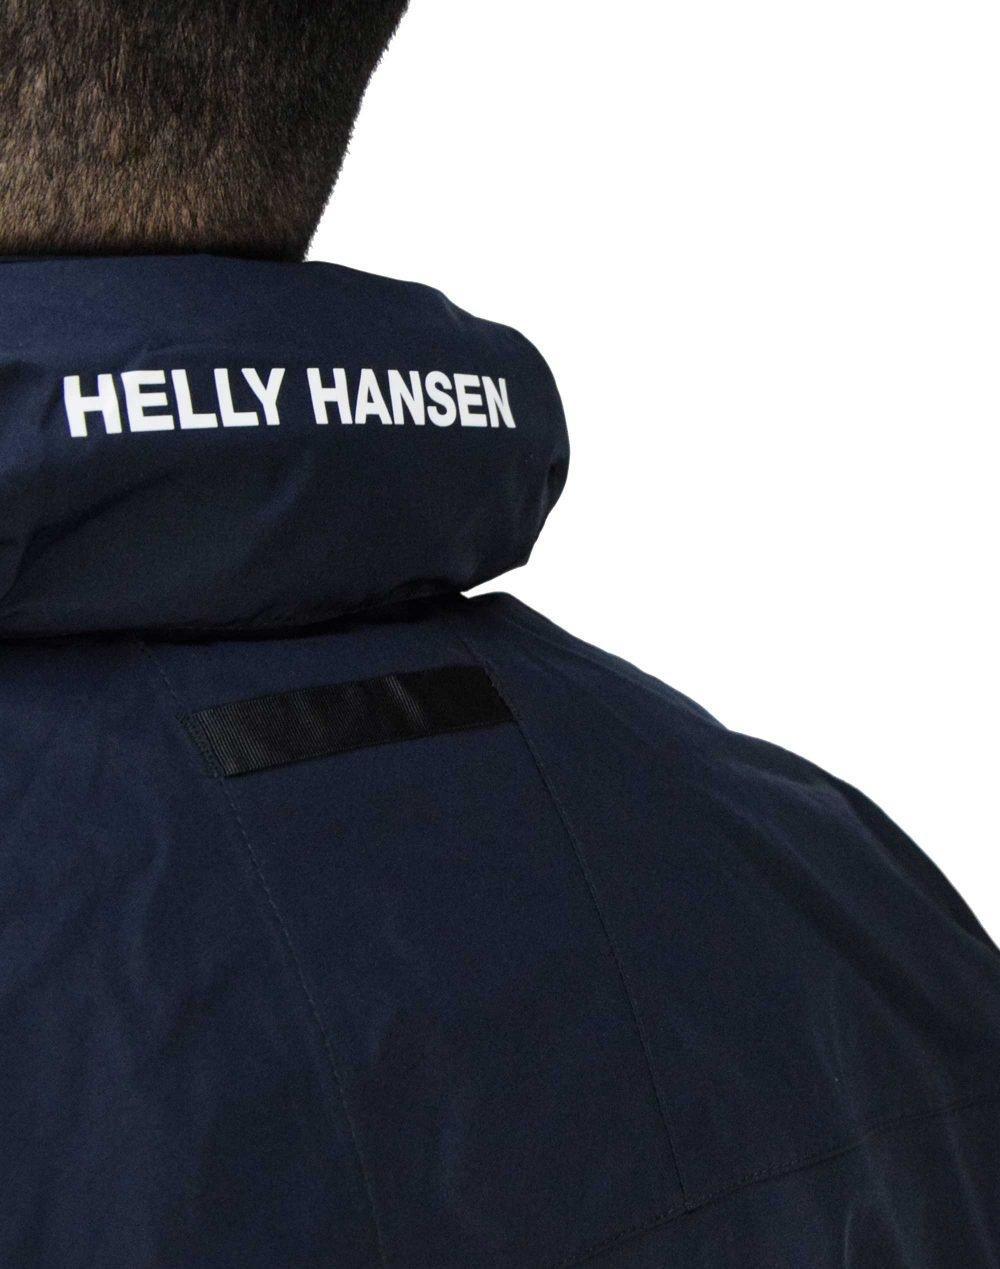 Helly Hansen Dubliner Jacket (62643-597) Navy